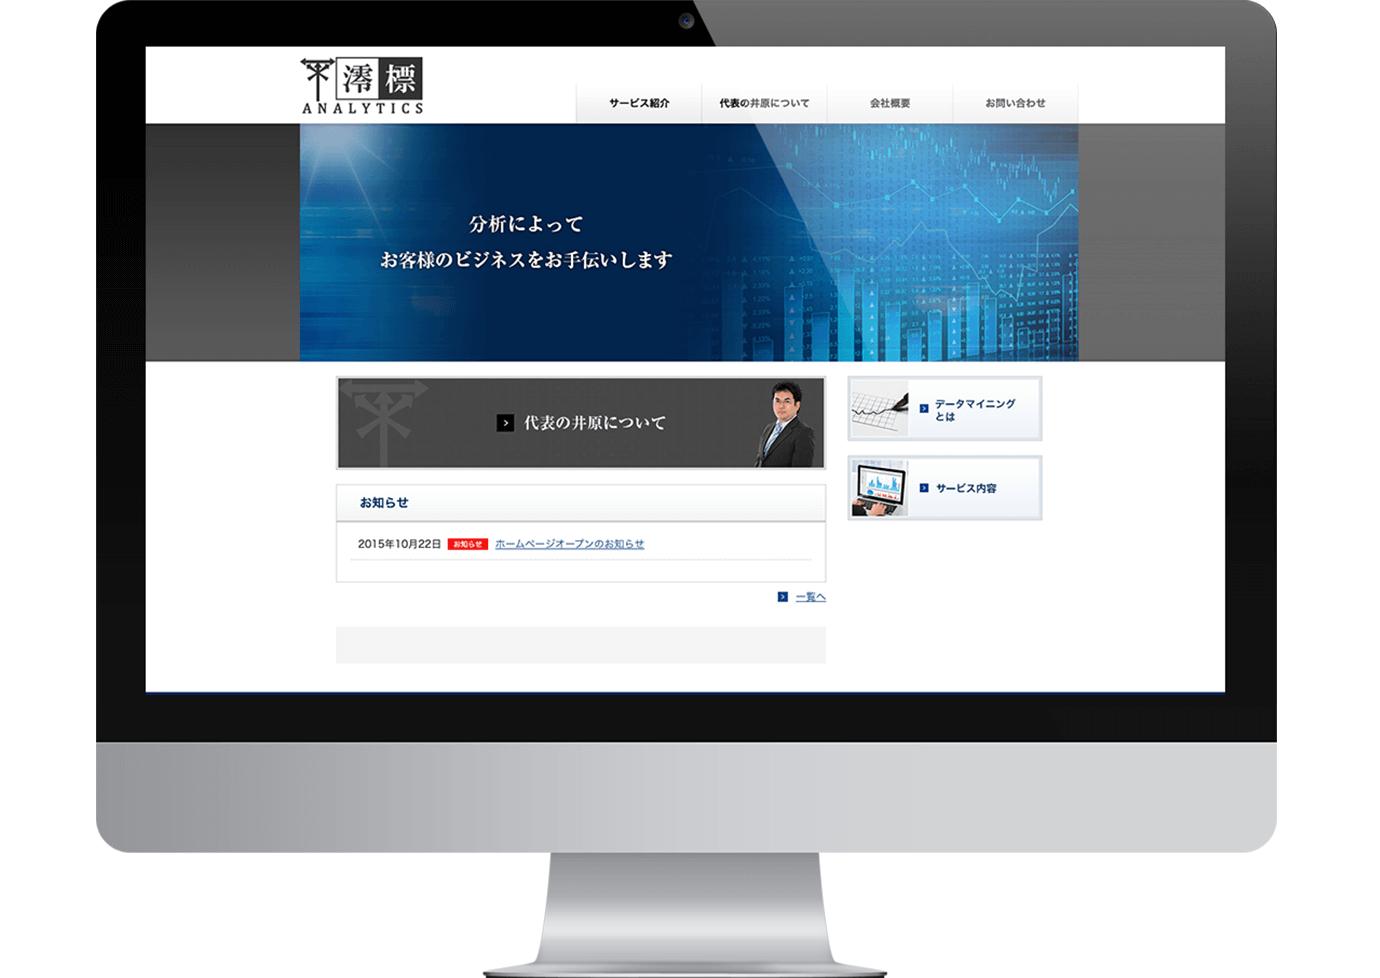 澪標アナリティクスサイトのイメージ